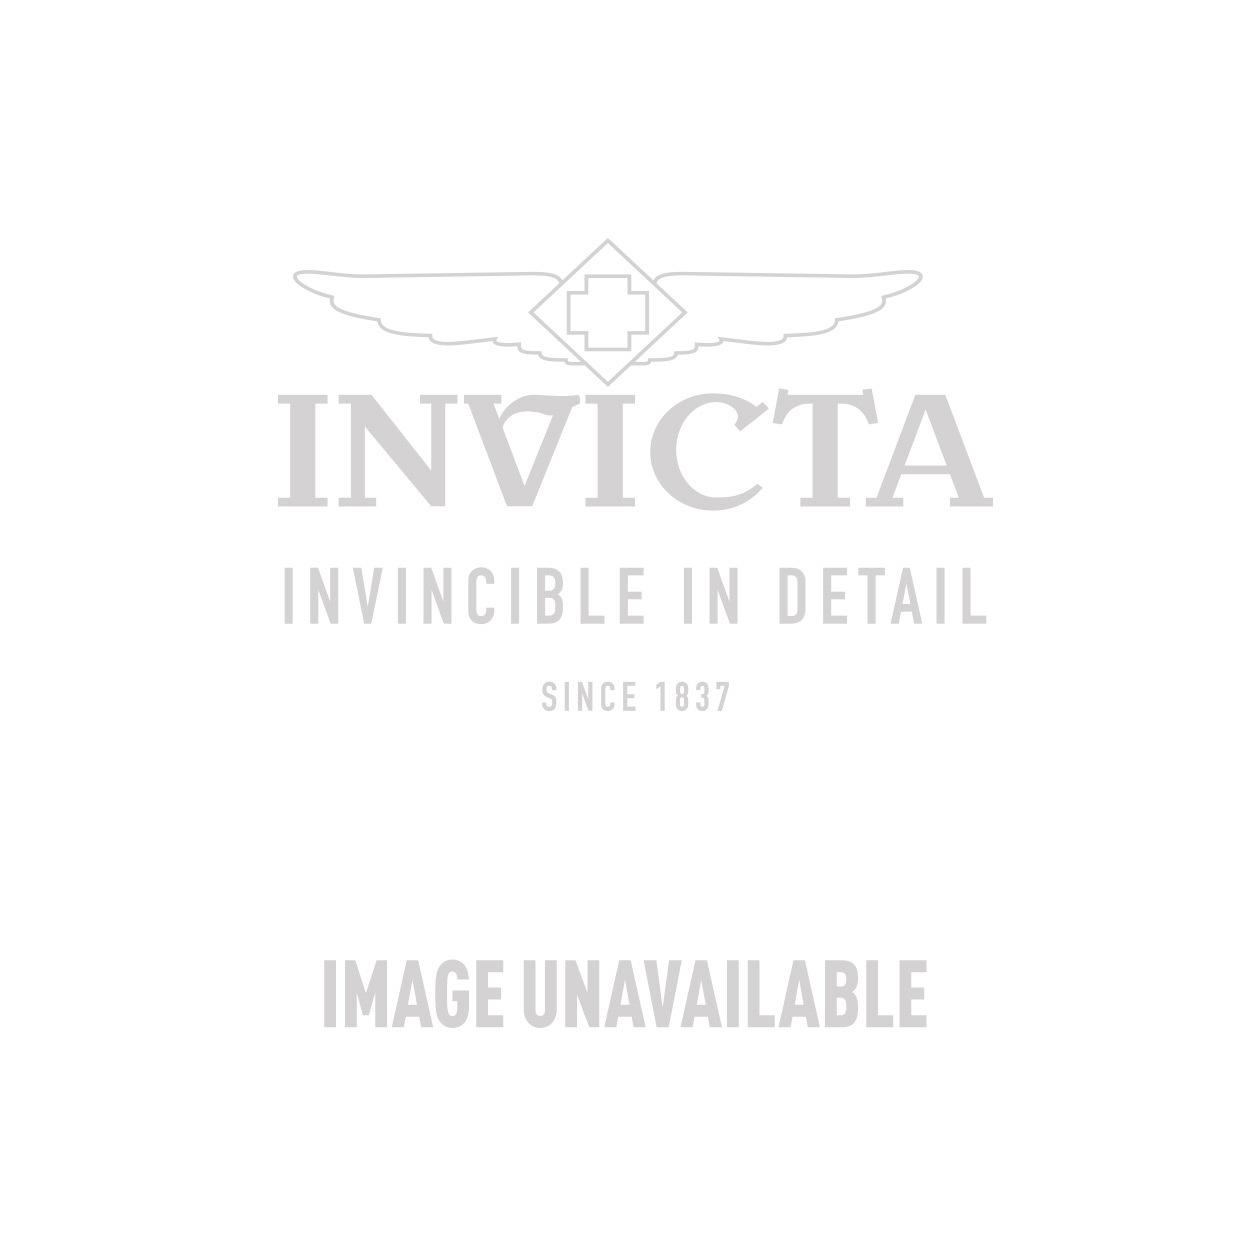 Invicta Model 27793